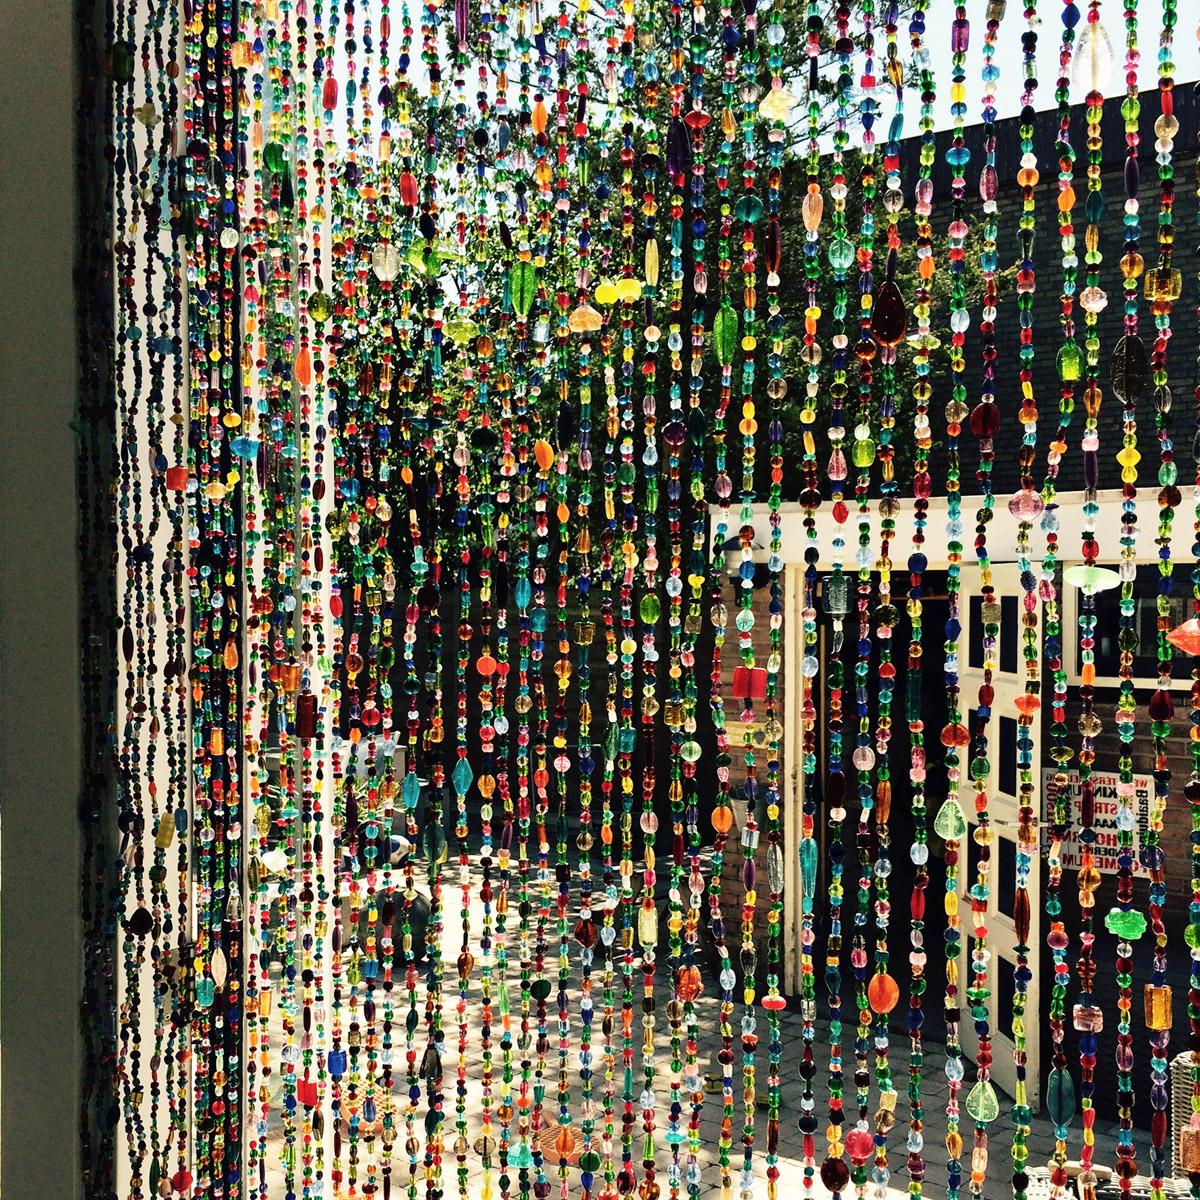 https://www.interliving.nl//wp-content/gallery/glaskralengordijn-op-maat/op-maat-gemaakt-glaskralen-gordijn-multi-colour.jpg